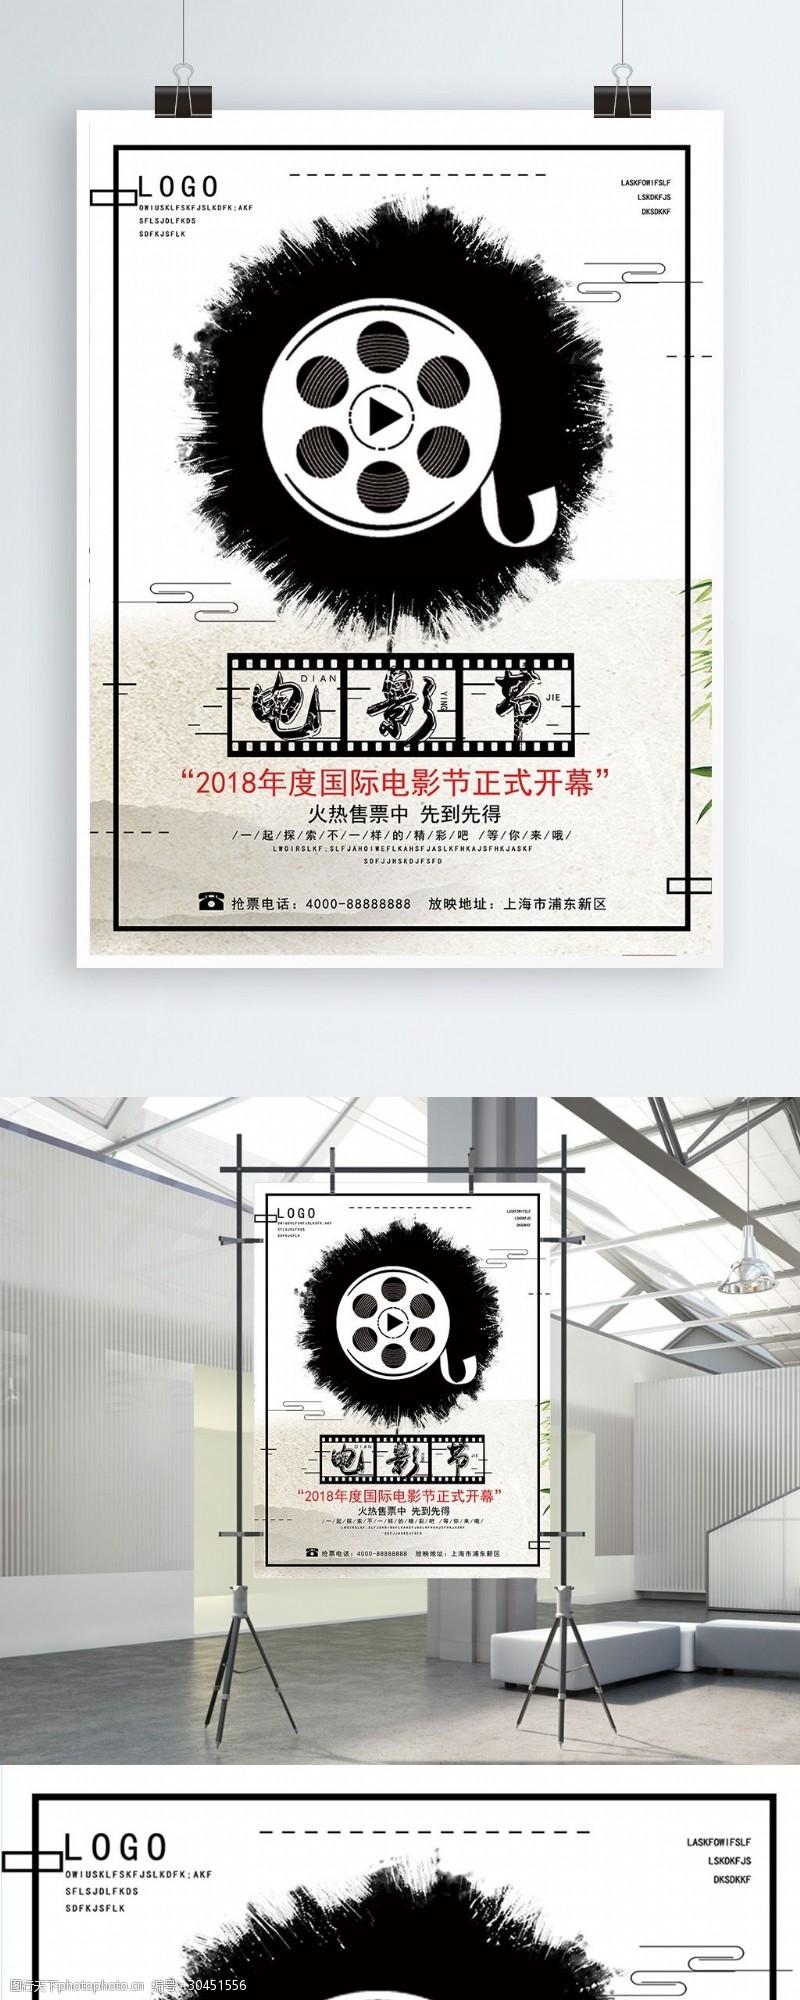 电影票预订简约中国风电影节海报